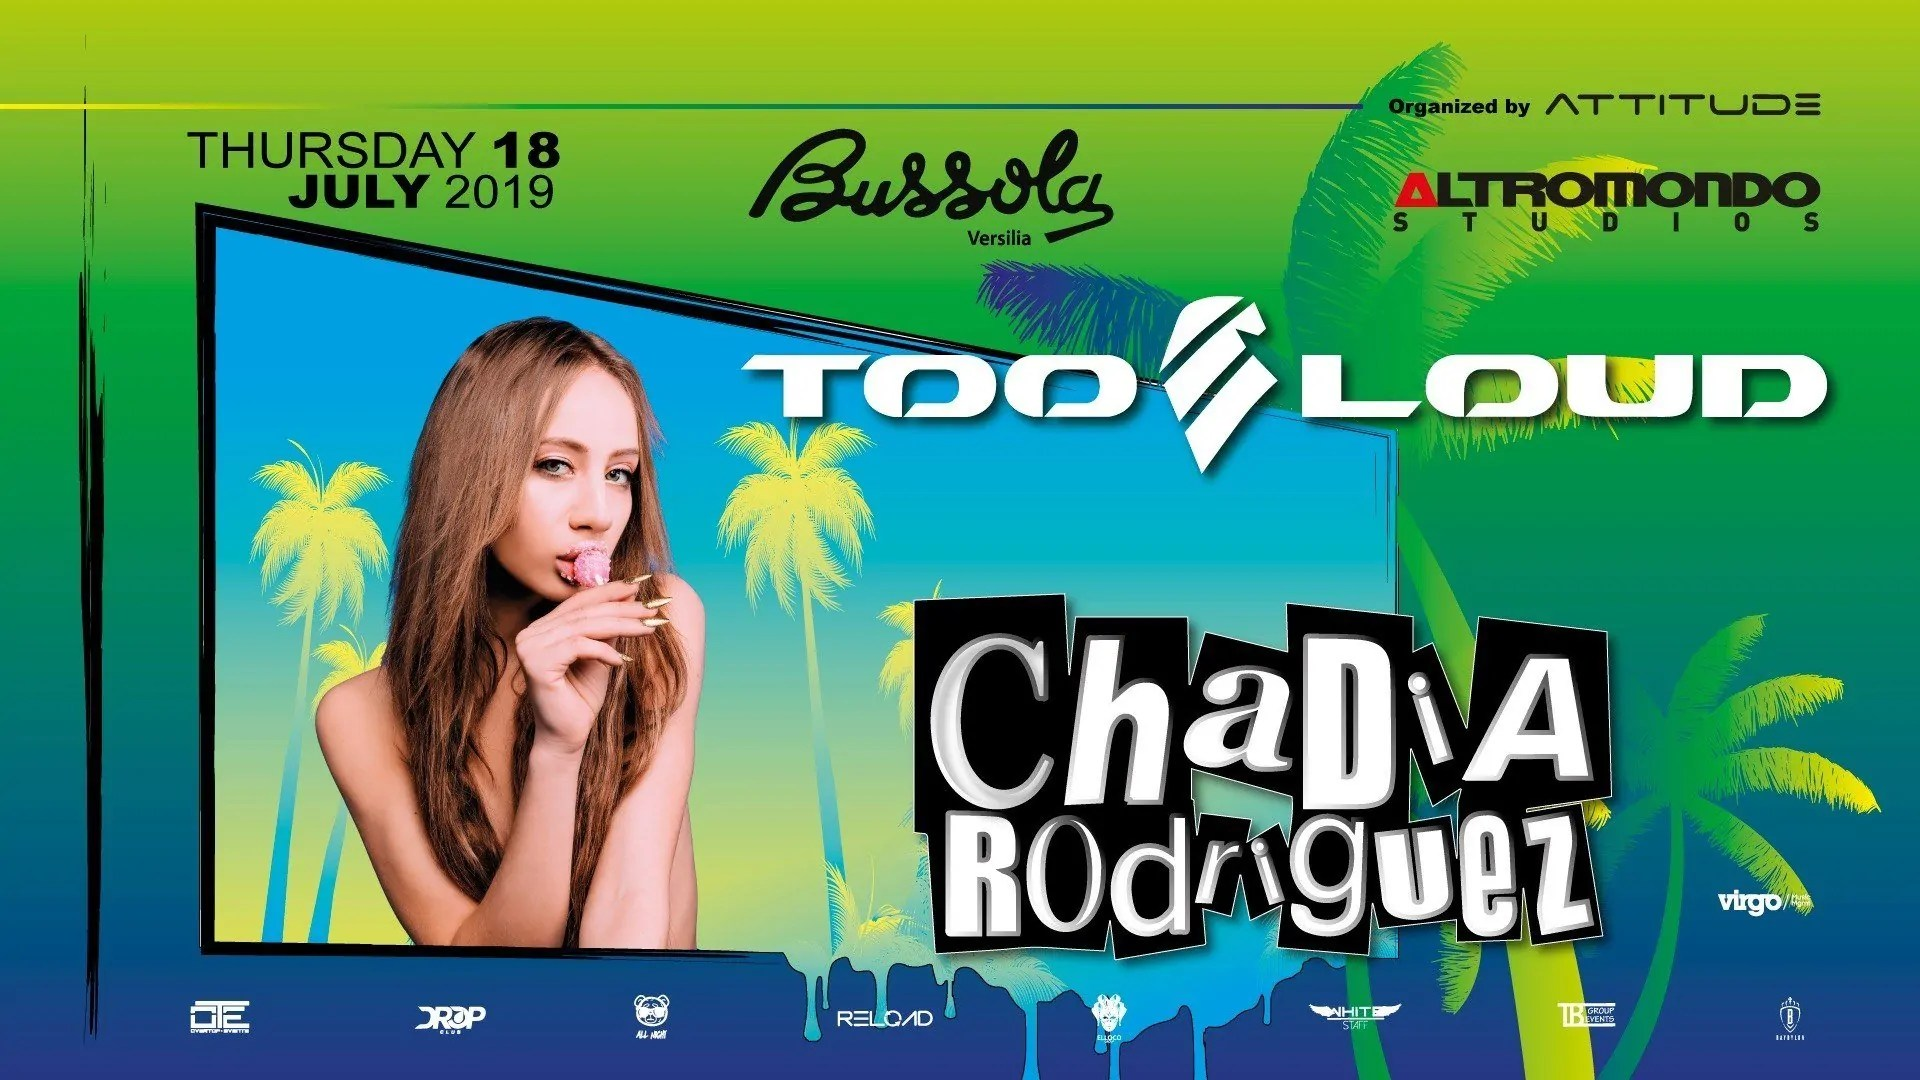 Chadia Rodriguez alla Bussola Club Versilia Giovedì 18 Luglio 2019 + Prezzi Ticket in Prevendita Biglietti Tavoli Liste Pacchetti Hotel